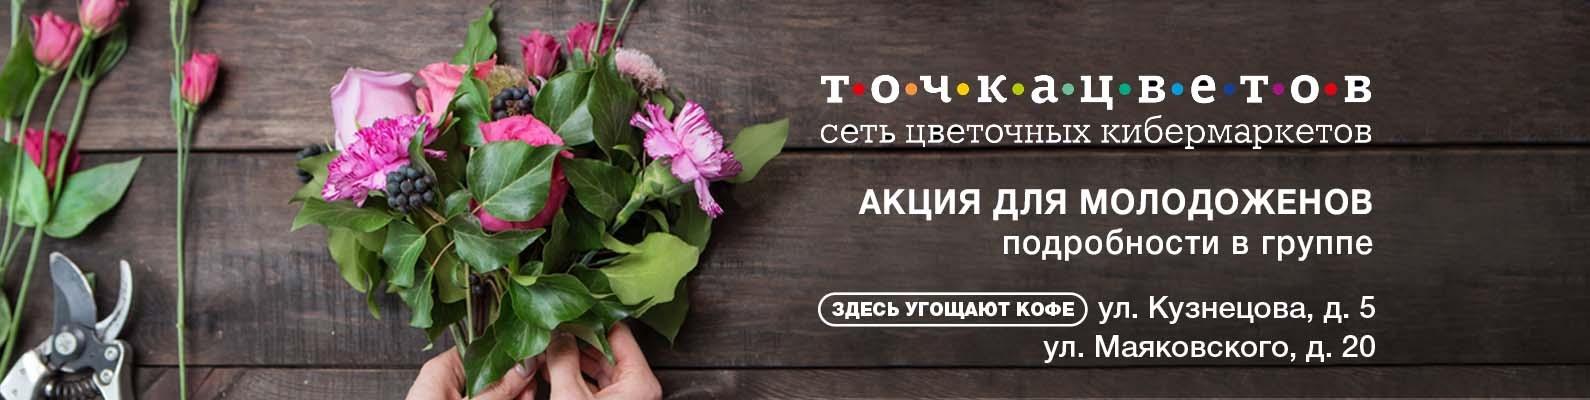 Доставка цветов котлас, подарки цветы из камней своими руками